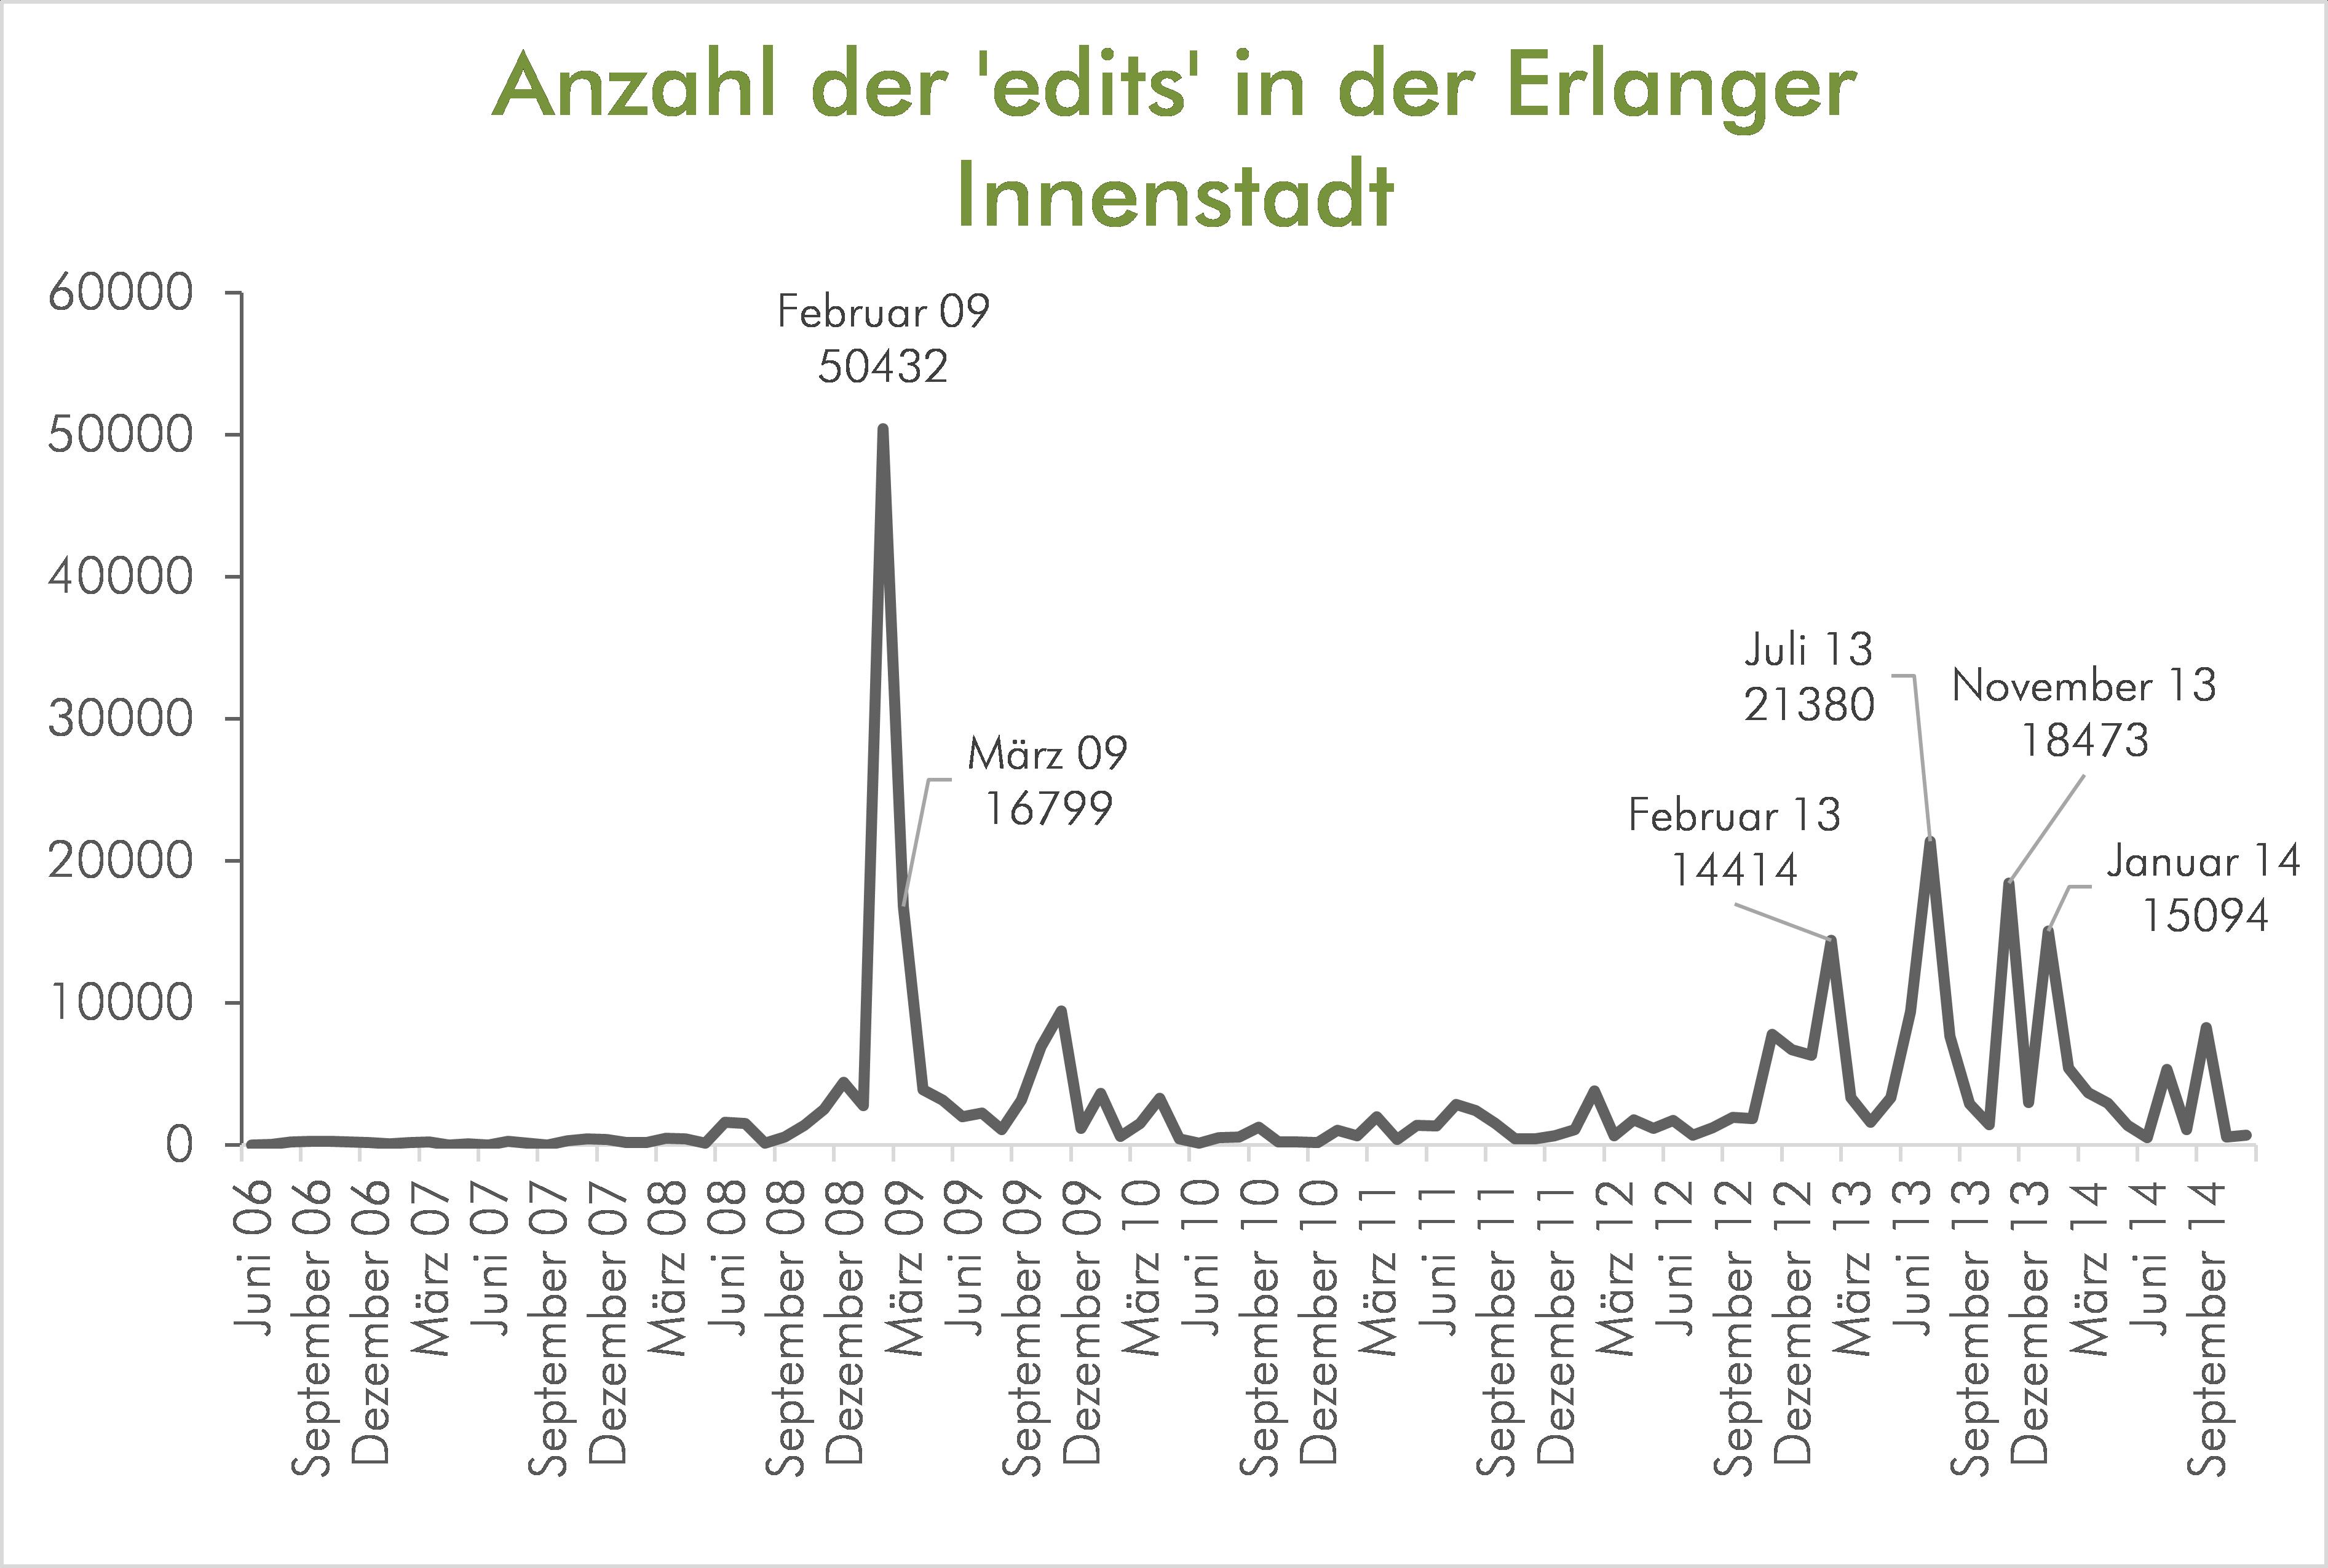 Anzahl der edits in der Erlangen Innenstadt